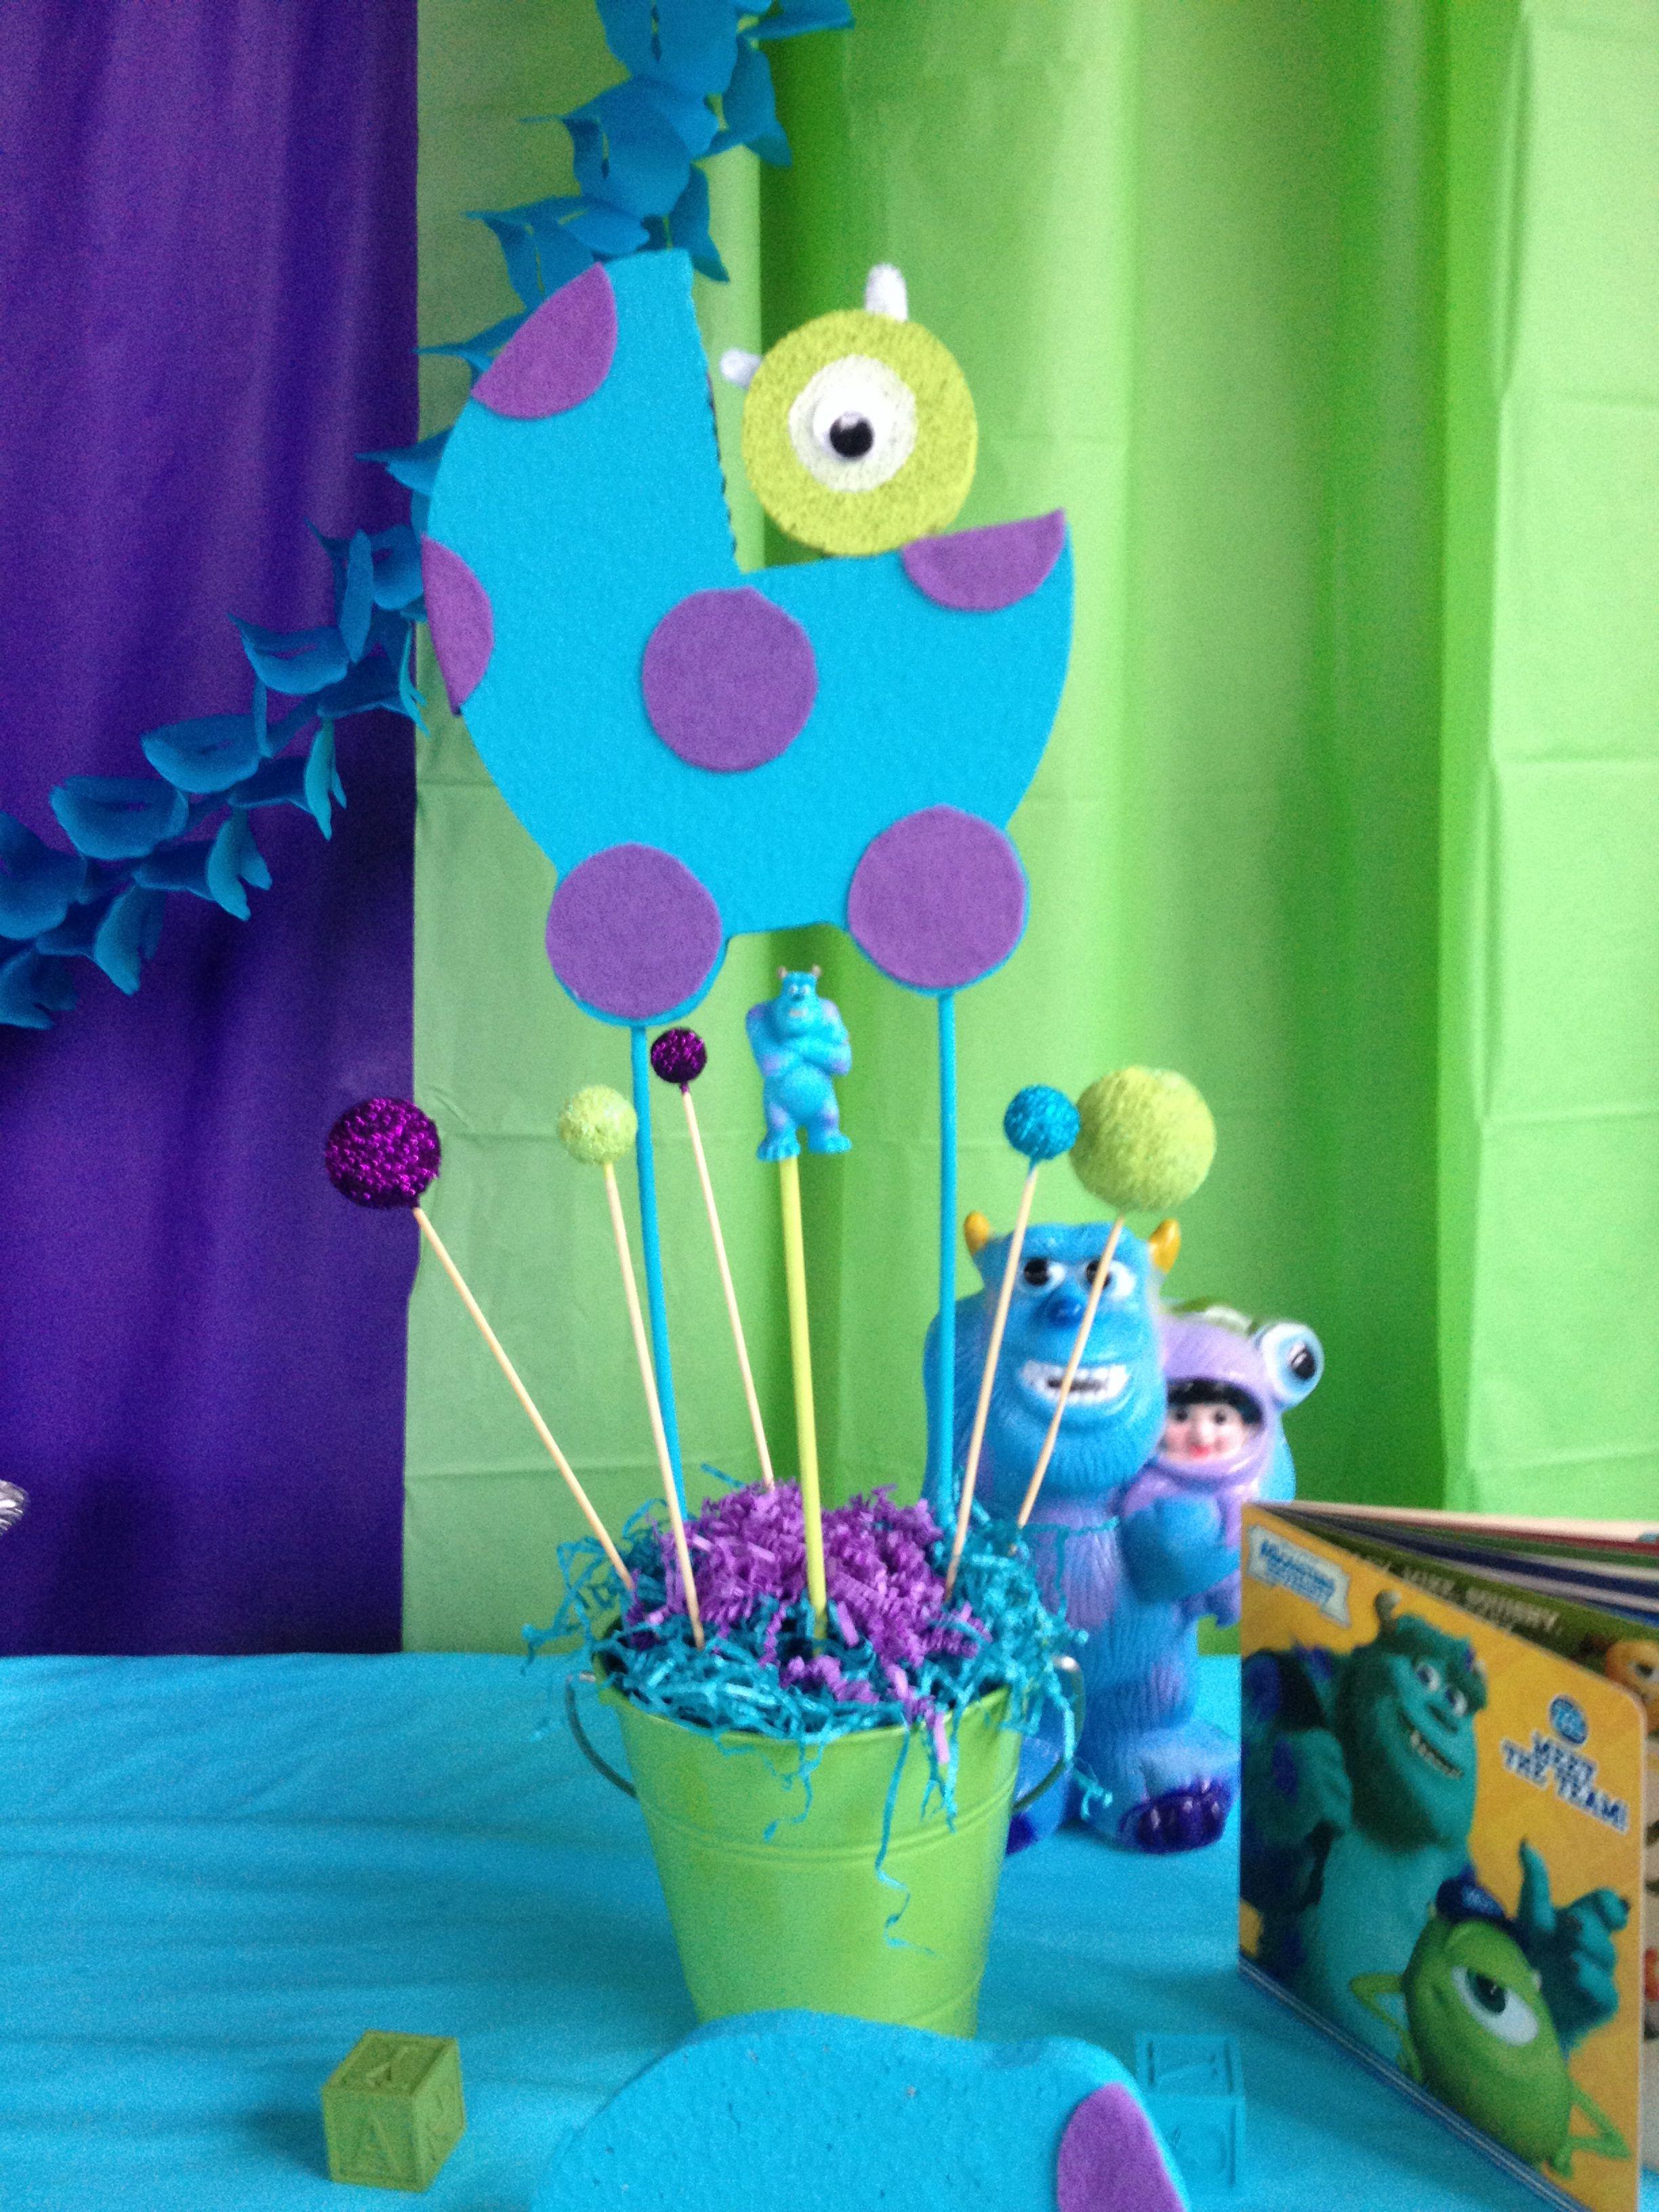 Monsters Inc Baby Shower Centerpiece Pari Decorations